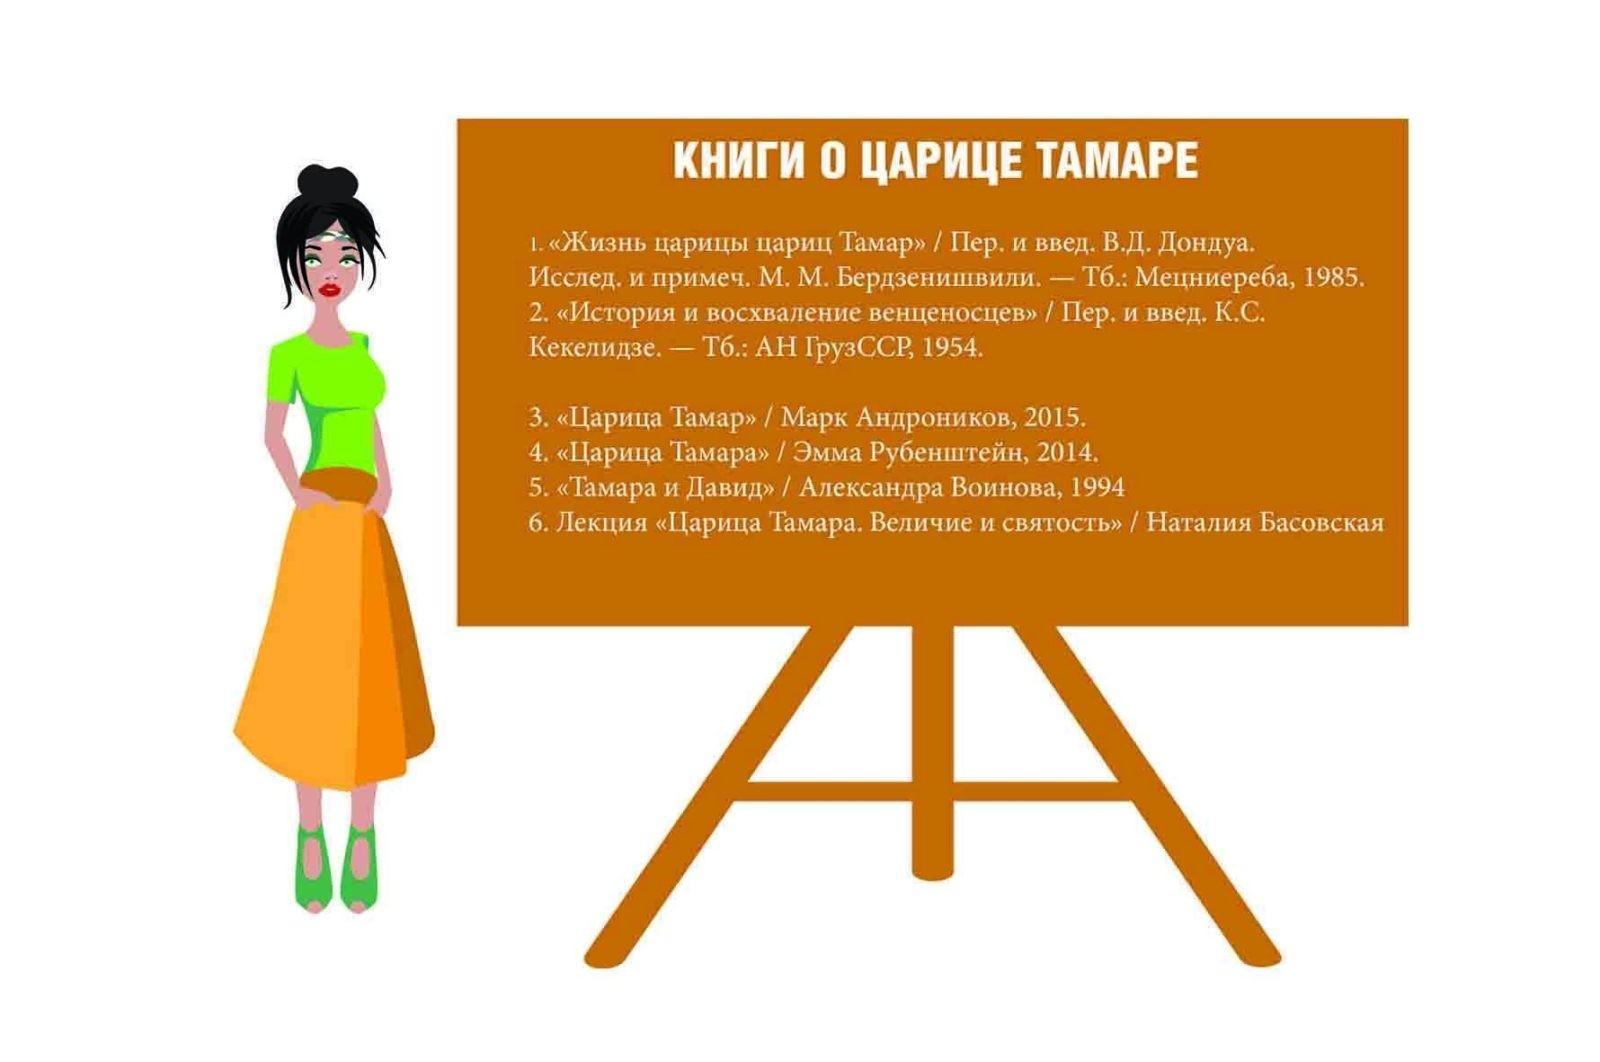 Книги о царице Тамаре